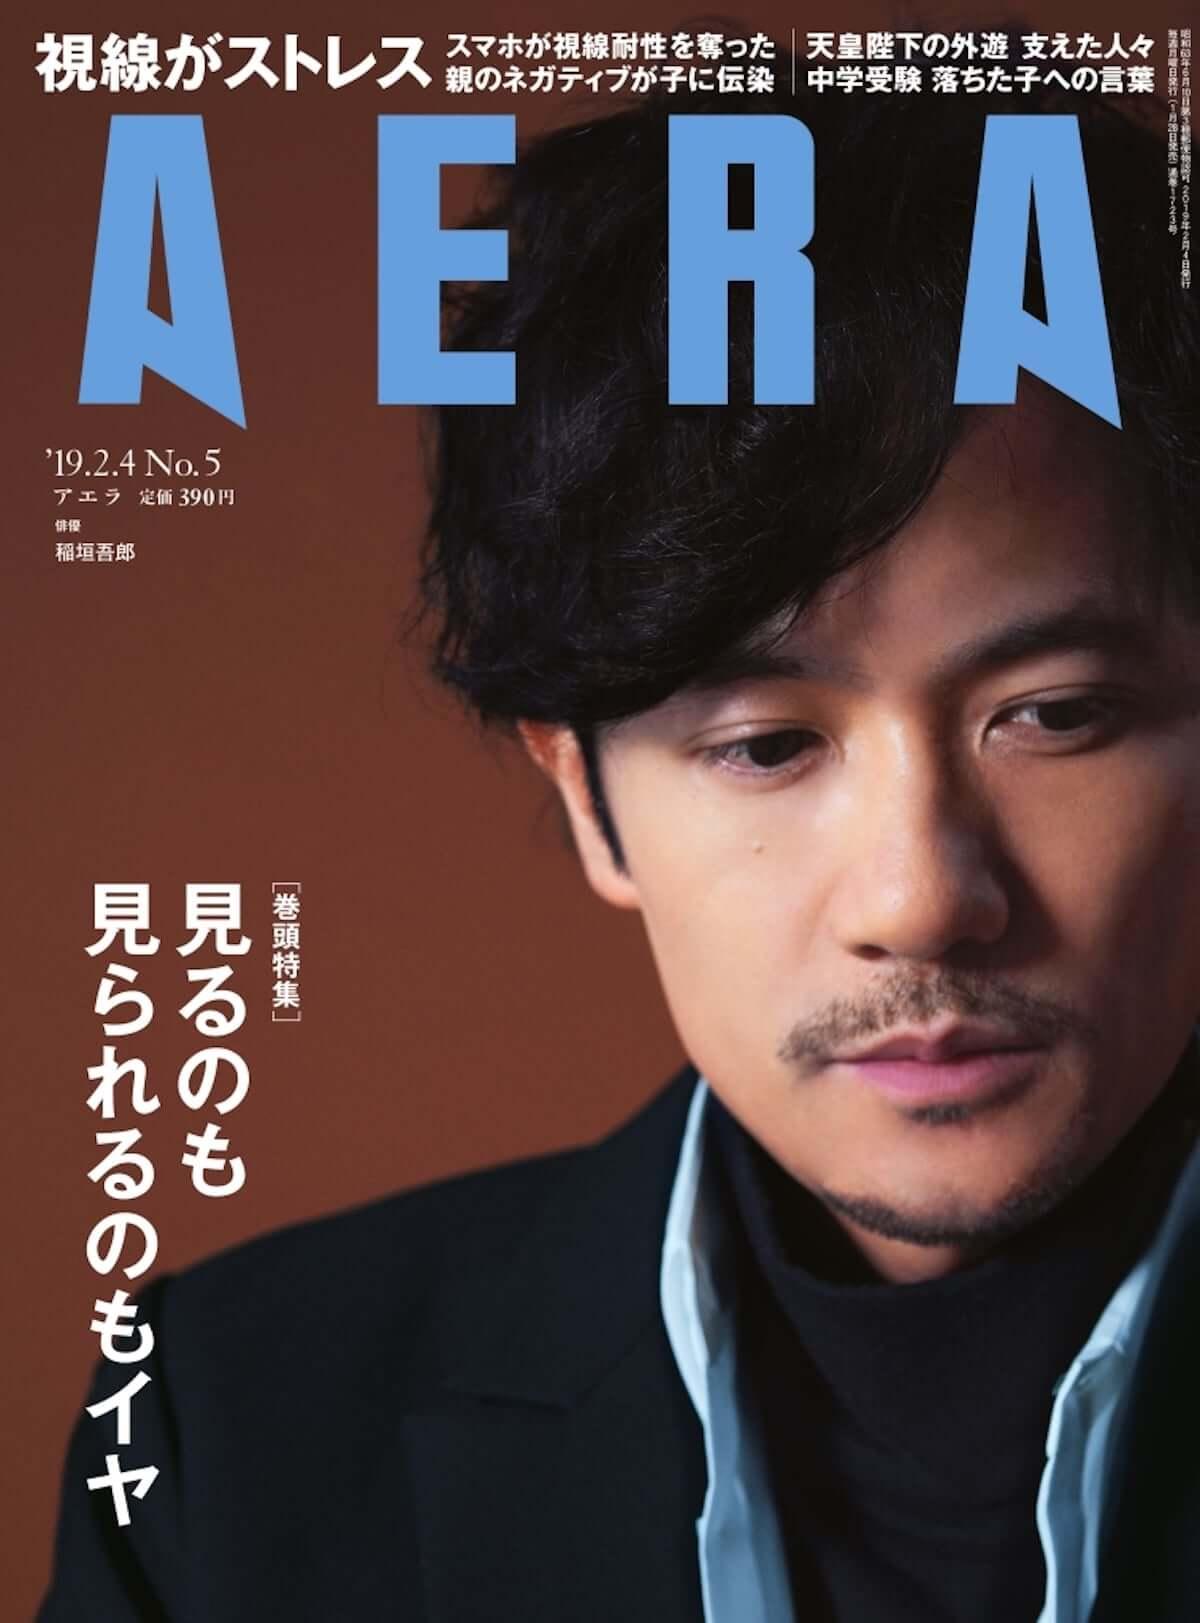 稲垣吾郎がAERAの表紙に登場。インタビューで「これからの人生」を語る art-culture190125-aera-1200x1623